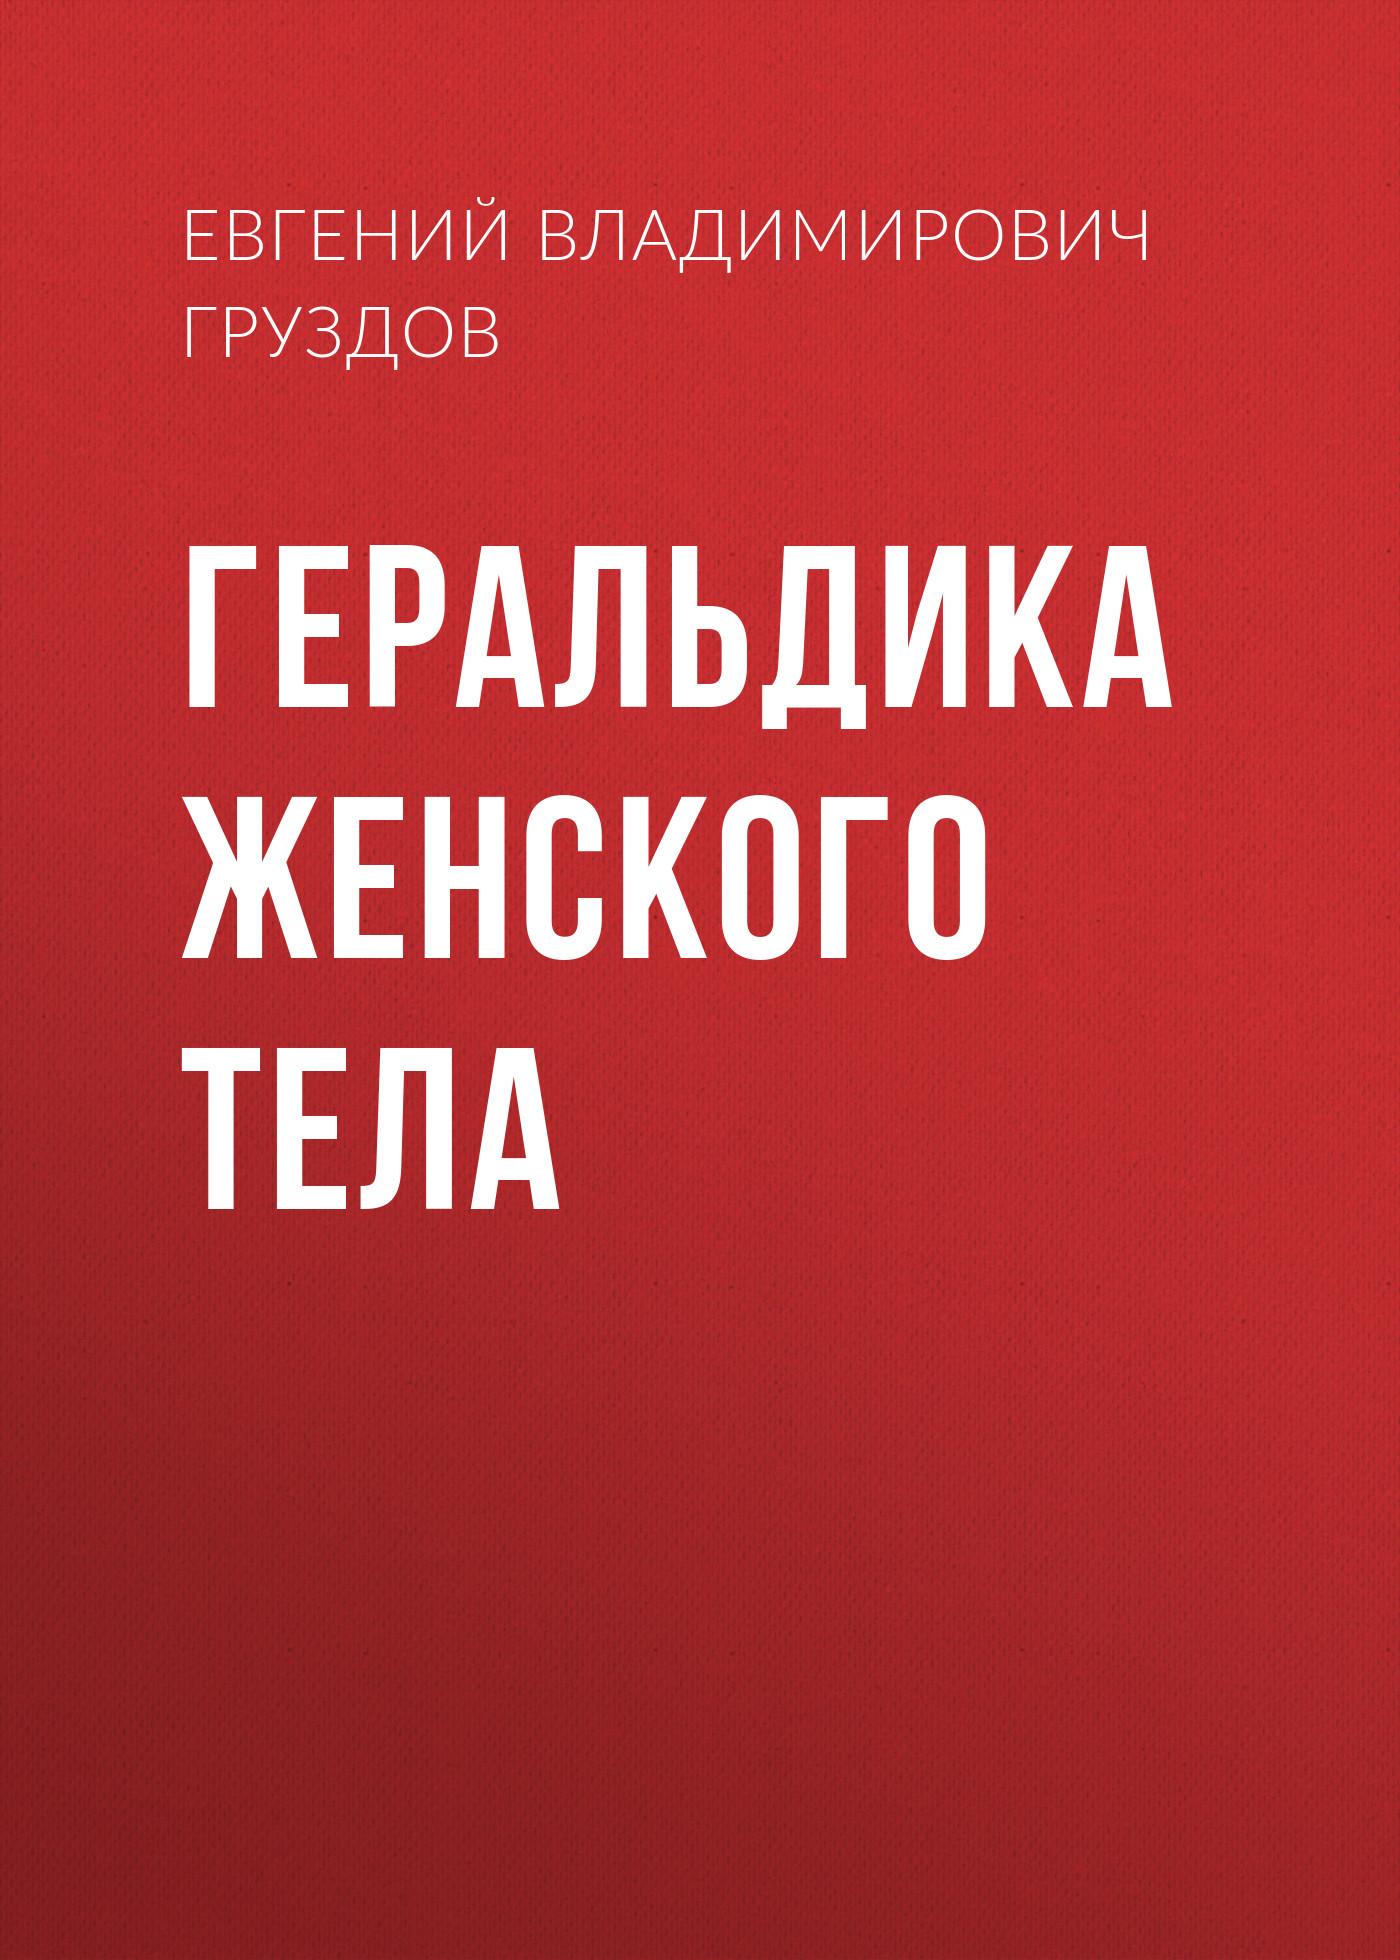 Евгений Владимирович Груздов Геральдика женского тела цена